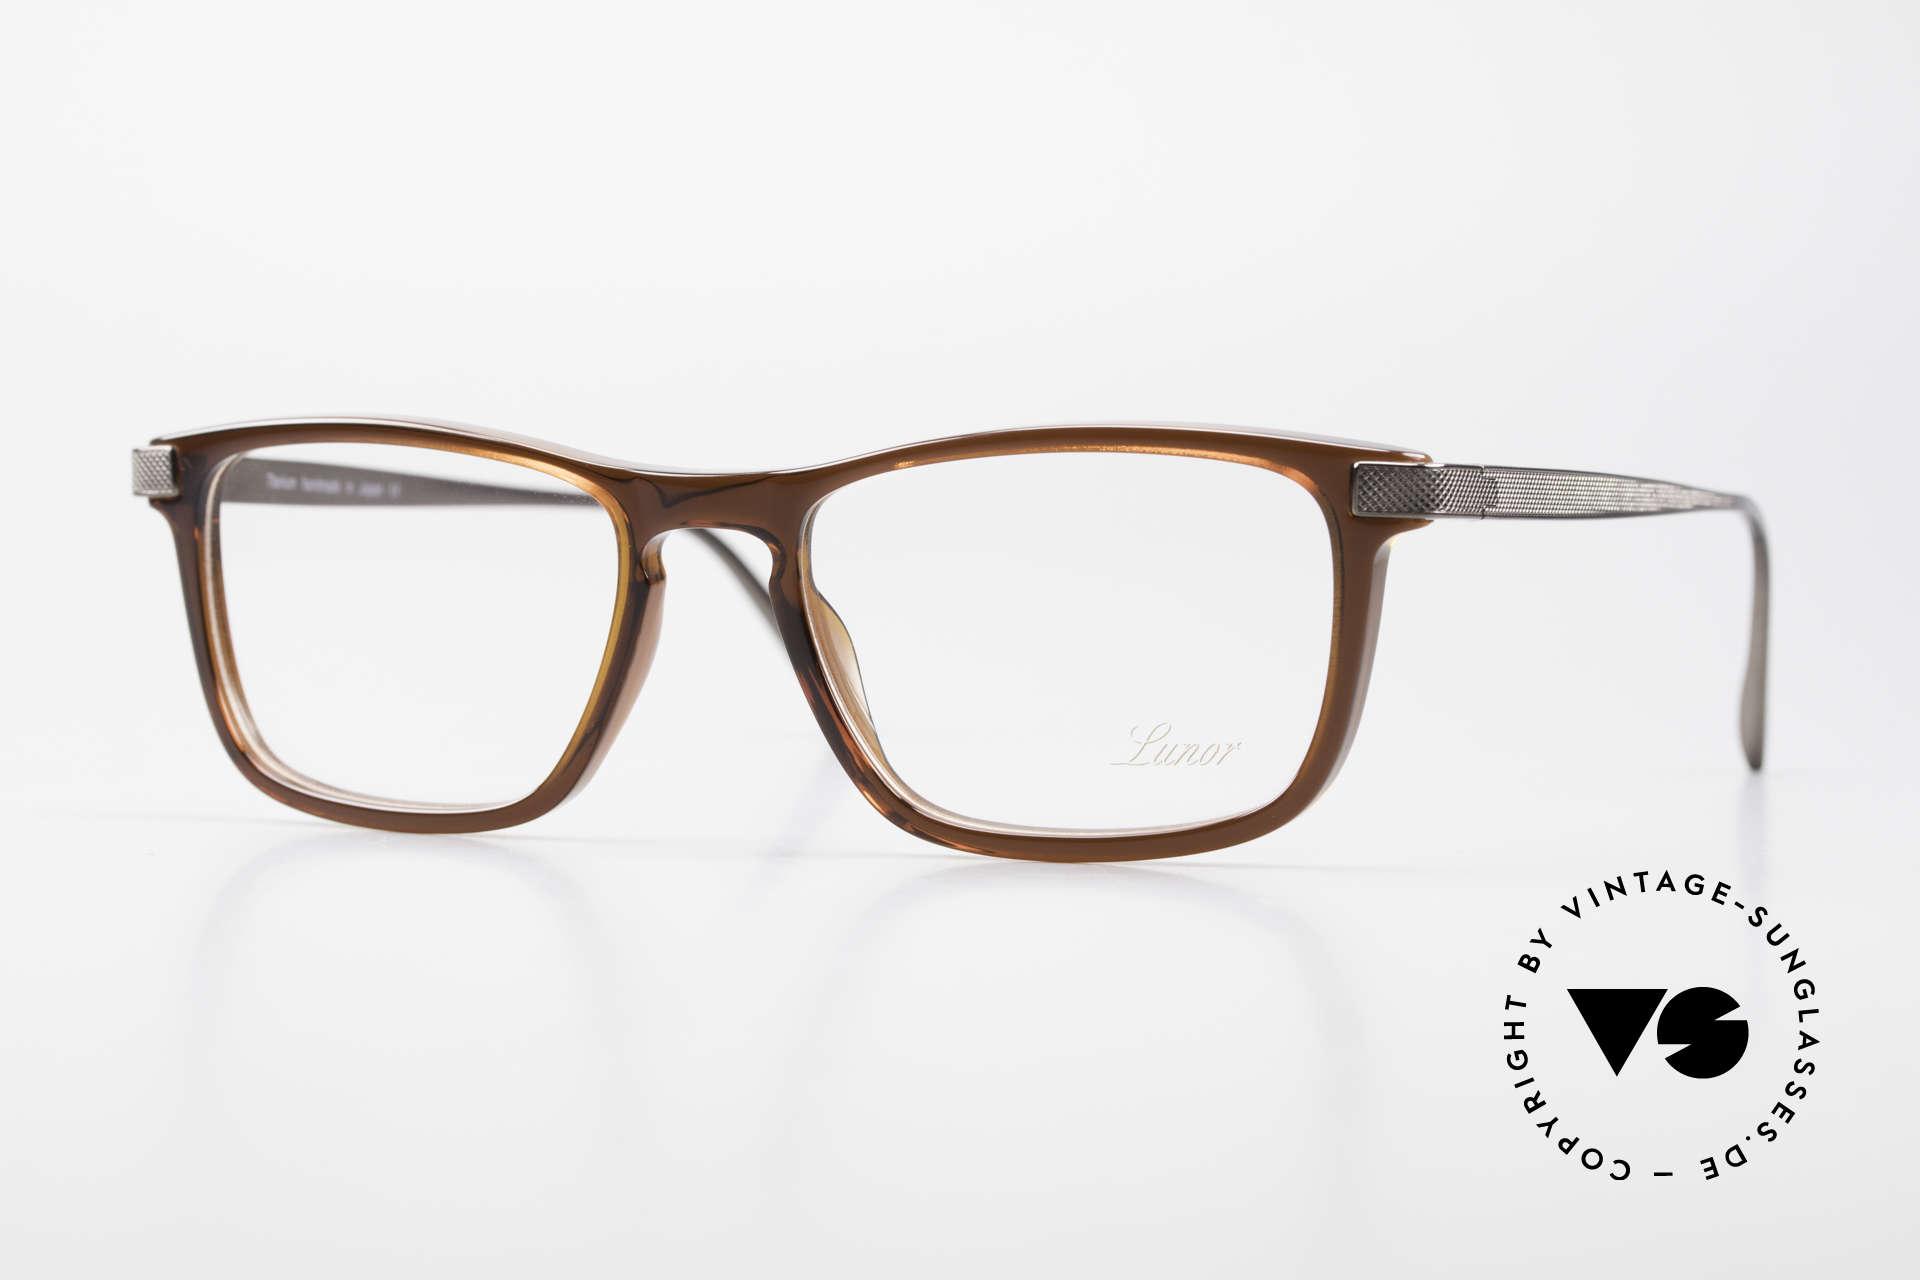 Lunor Imperial Anatomic Titanium Frame 2012 Unisex, LUNOR Imperial Anatomic BR (brown) eyeglass-frame, Made for Men and Women